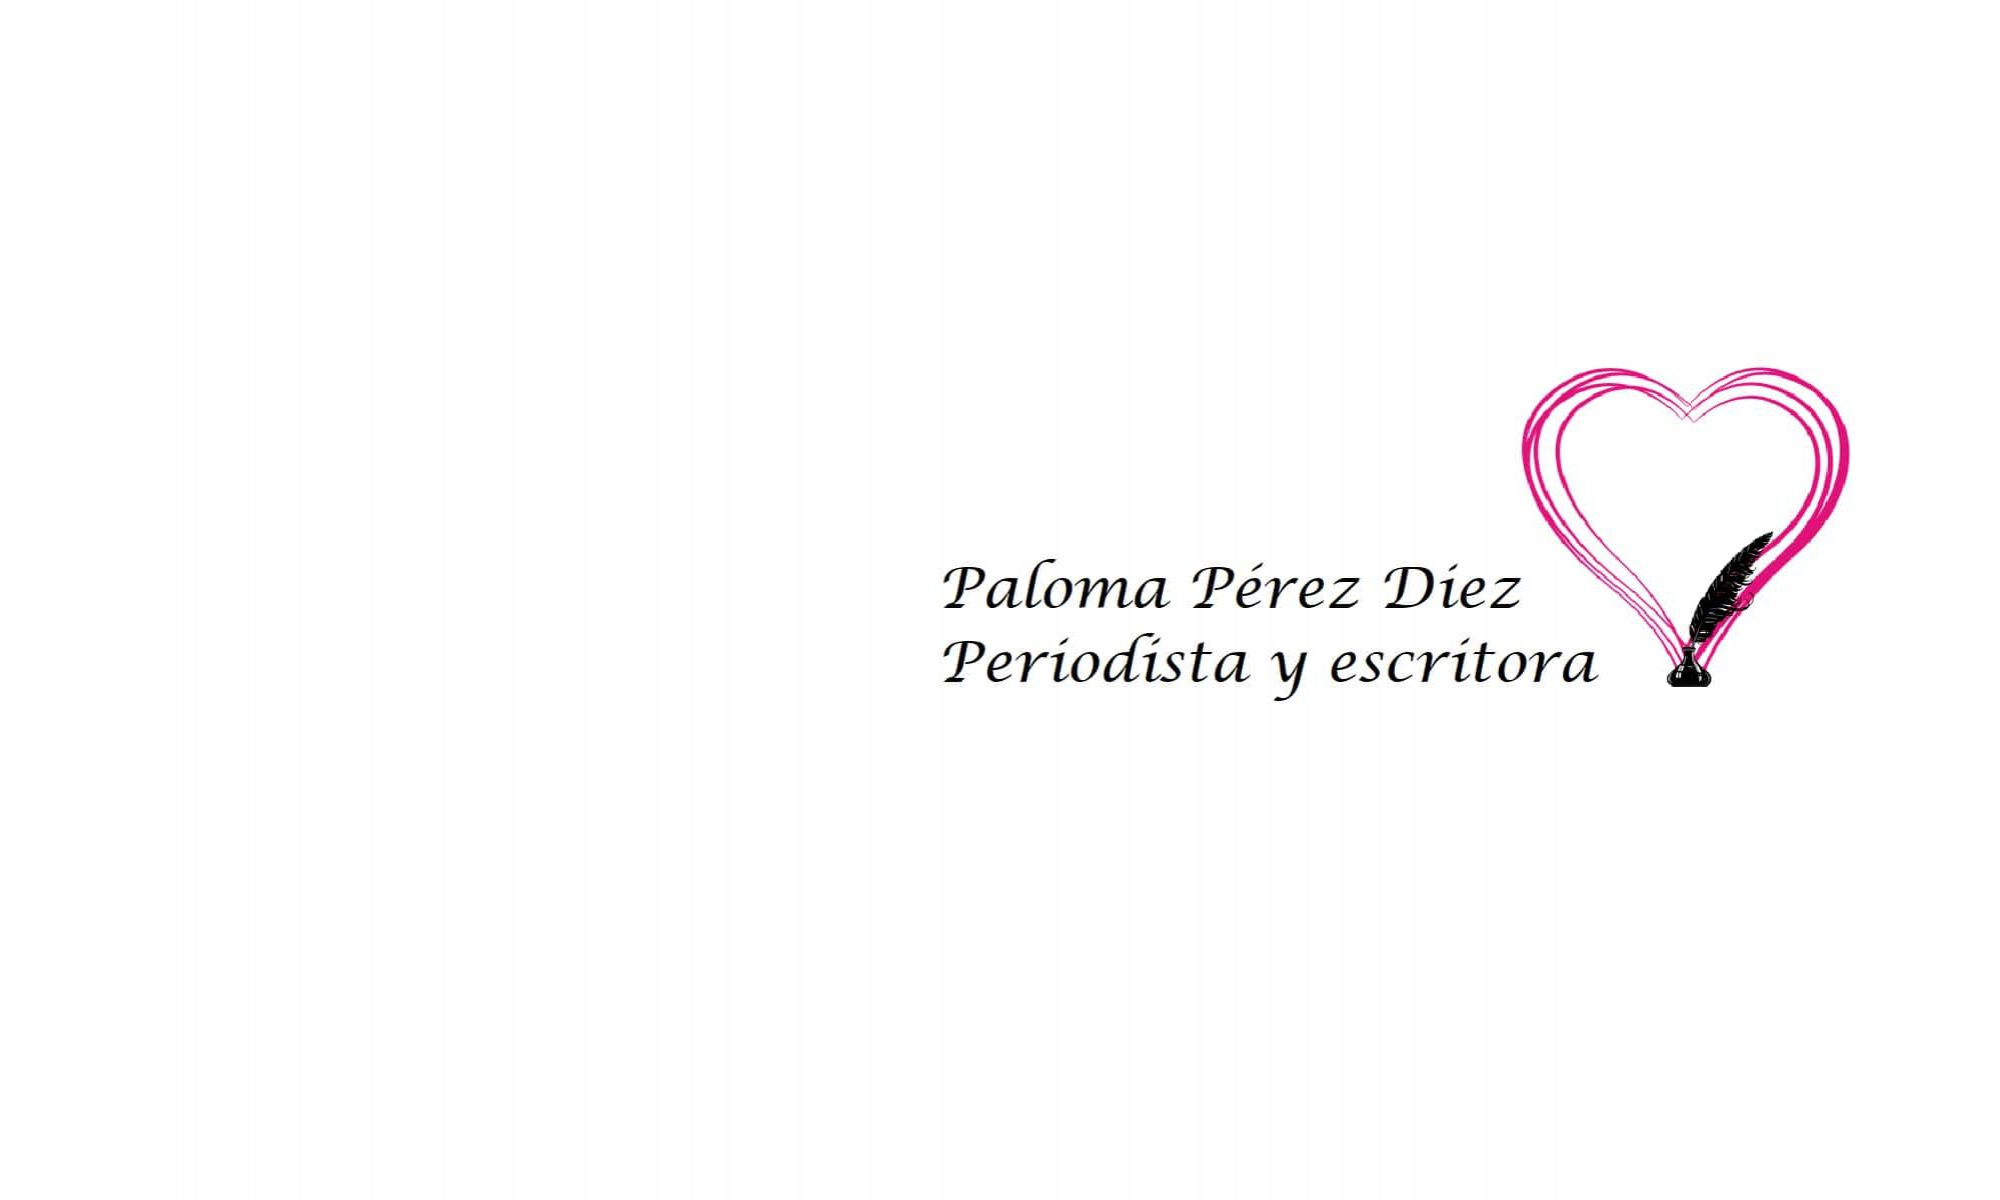 Paloma Pérez Diez